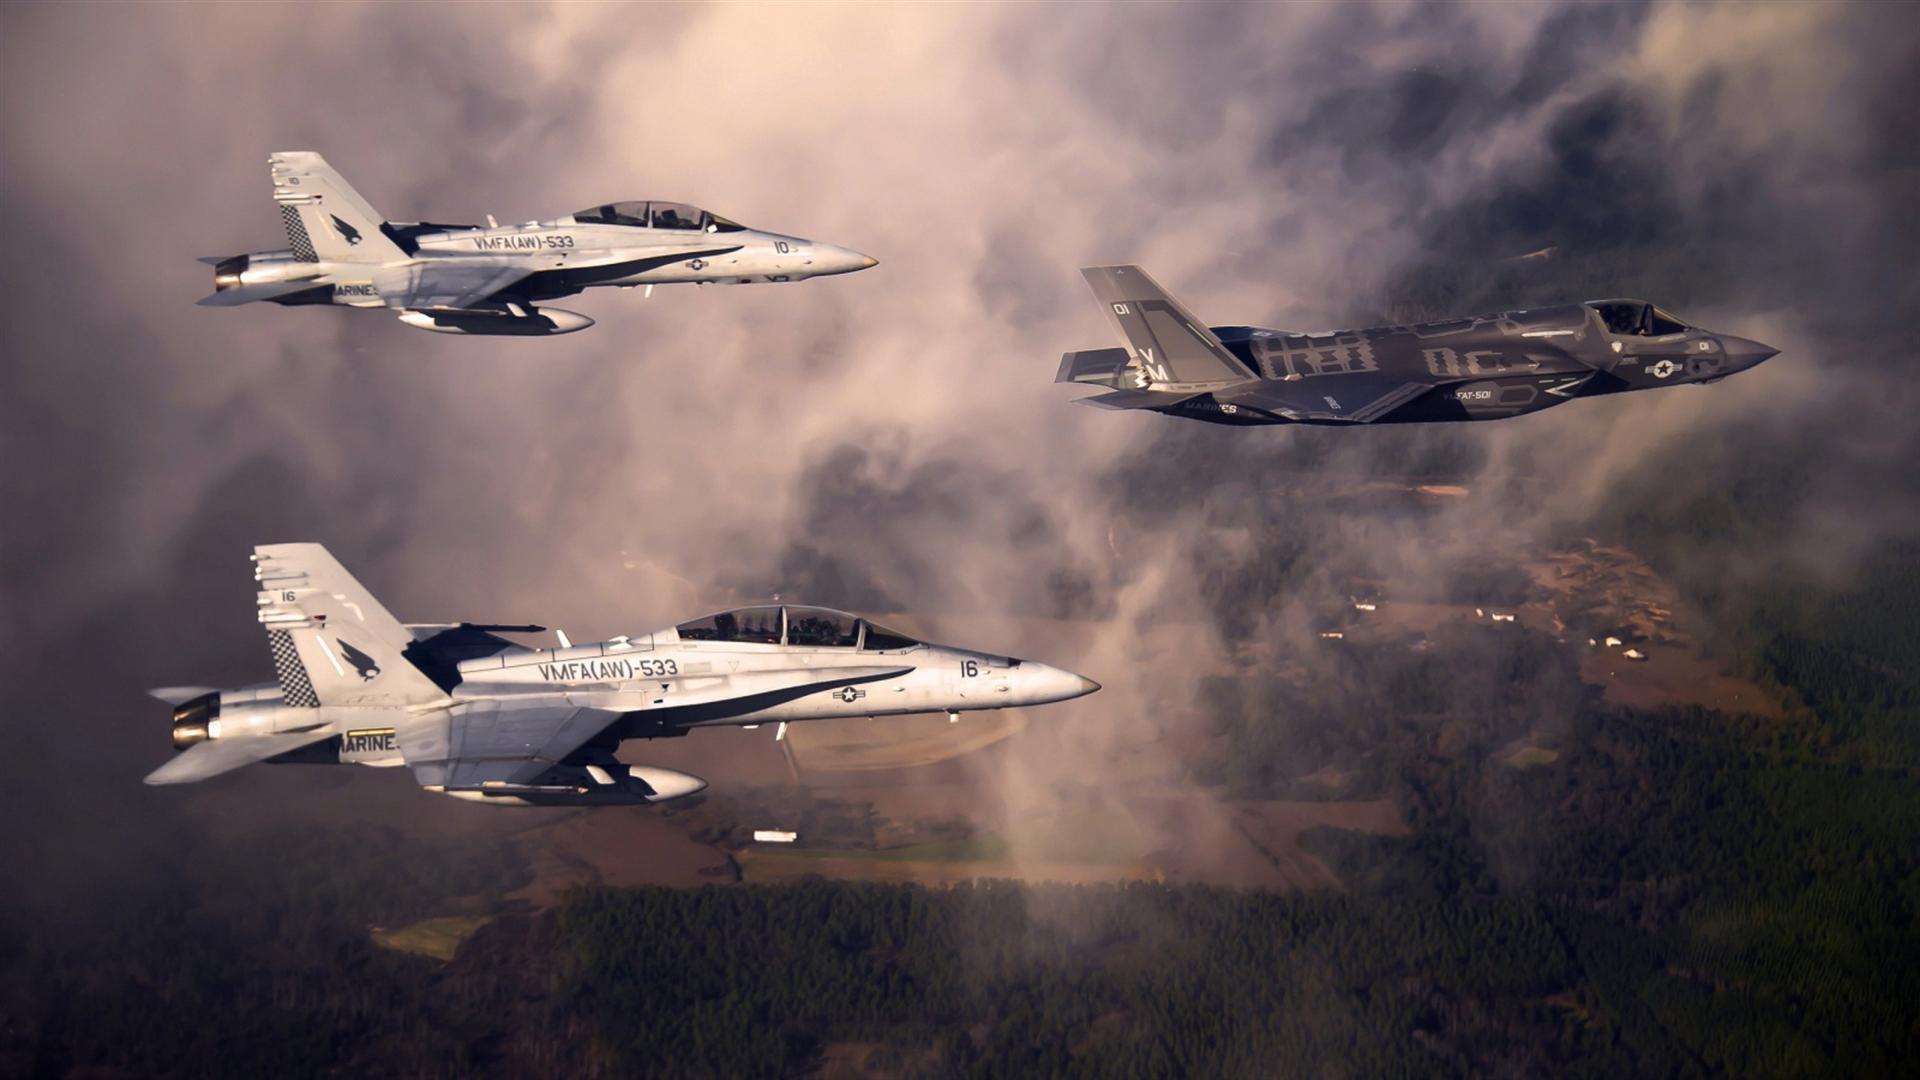 F18 Super Hornet Wallpapers Wallpaper Cave